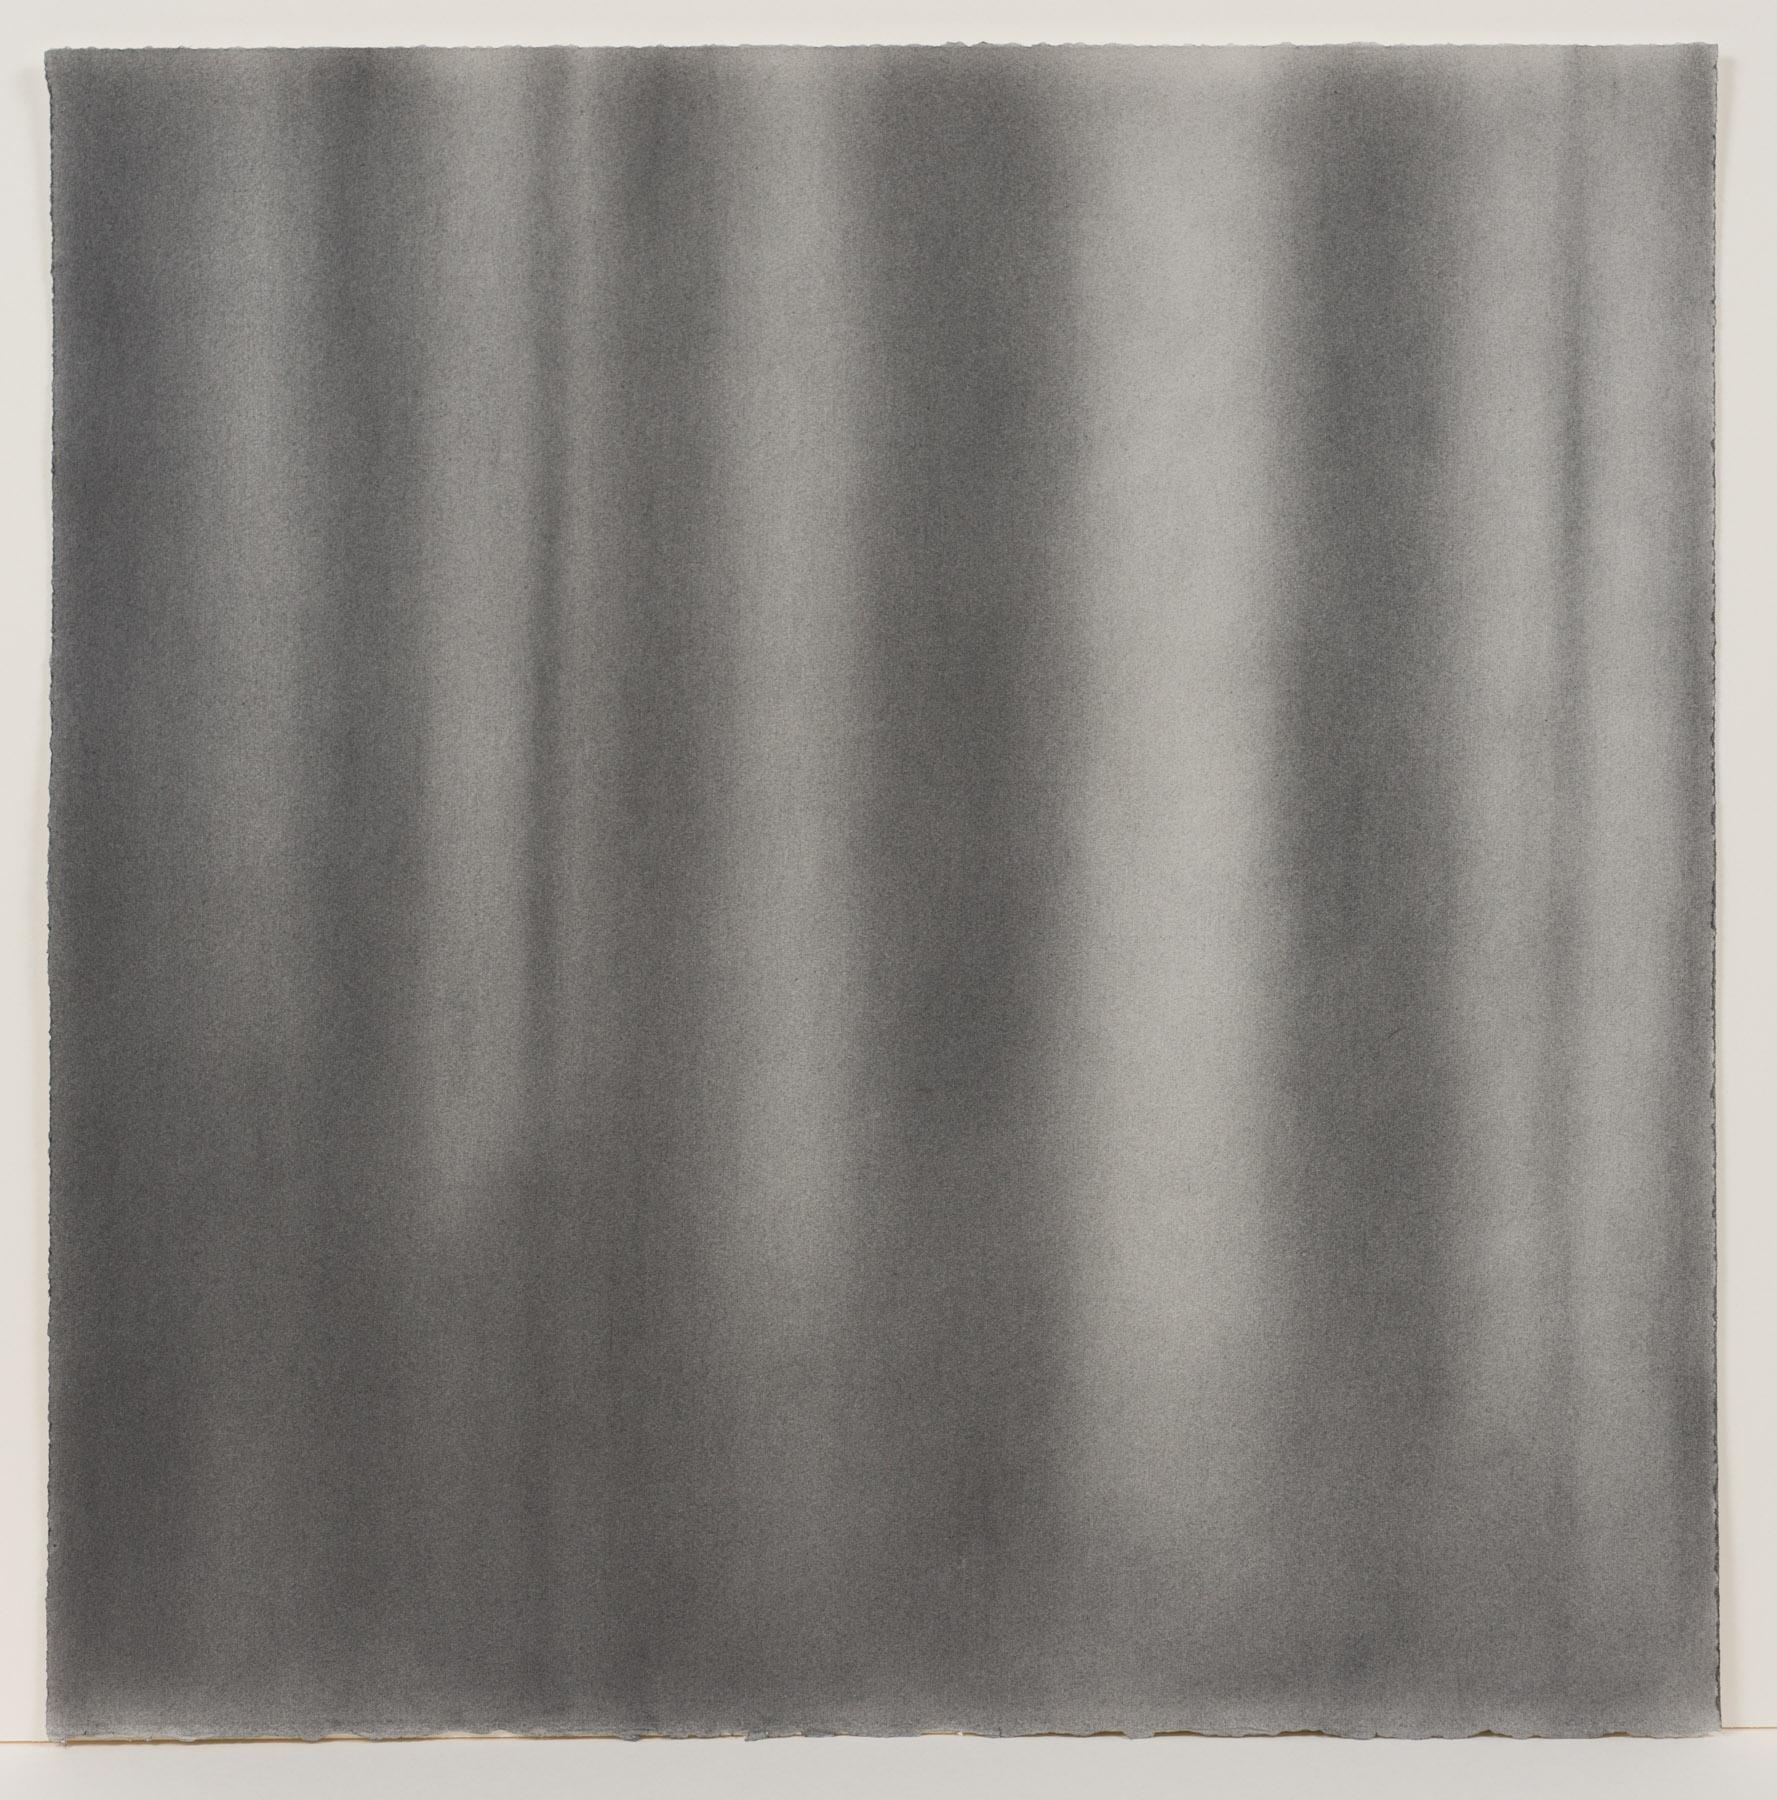 """Andréanne Godin,  #04 : History of a Landscape (Variation III)  de la série  Descriptions de paysages , 2015, poudre de graphite sur papier Arches, 61 x 61 cm (24"""" x 24"""")"""